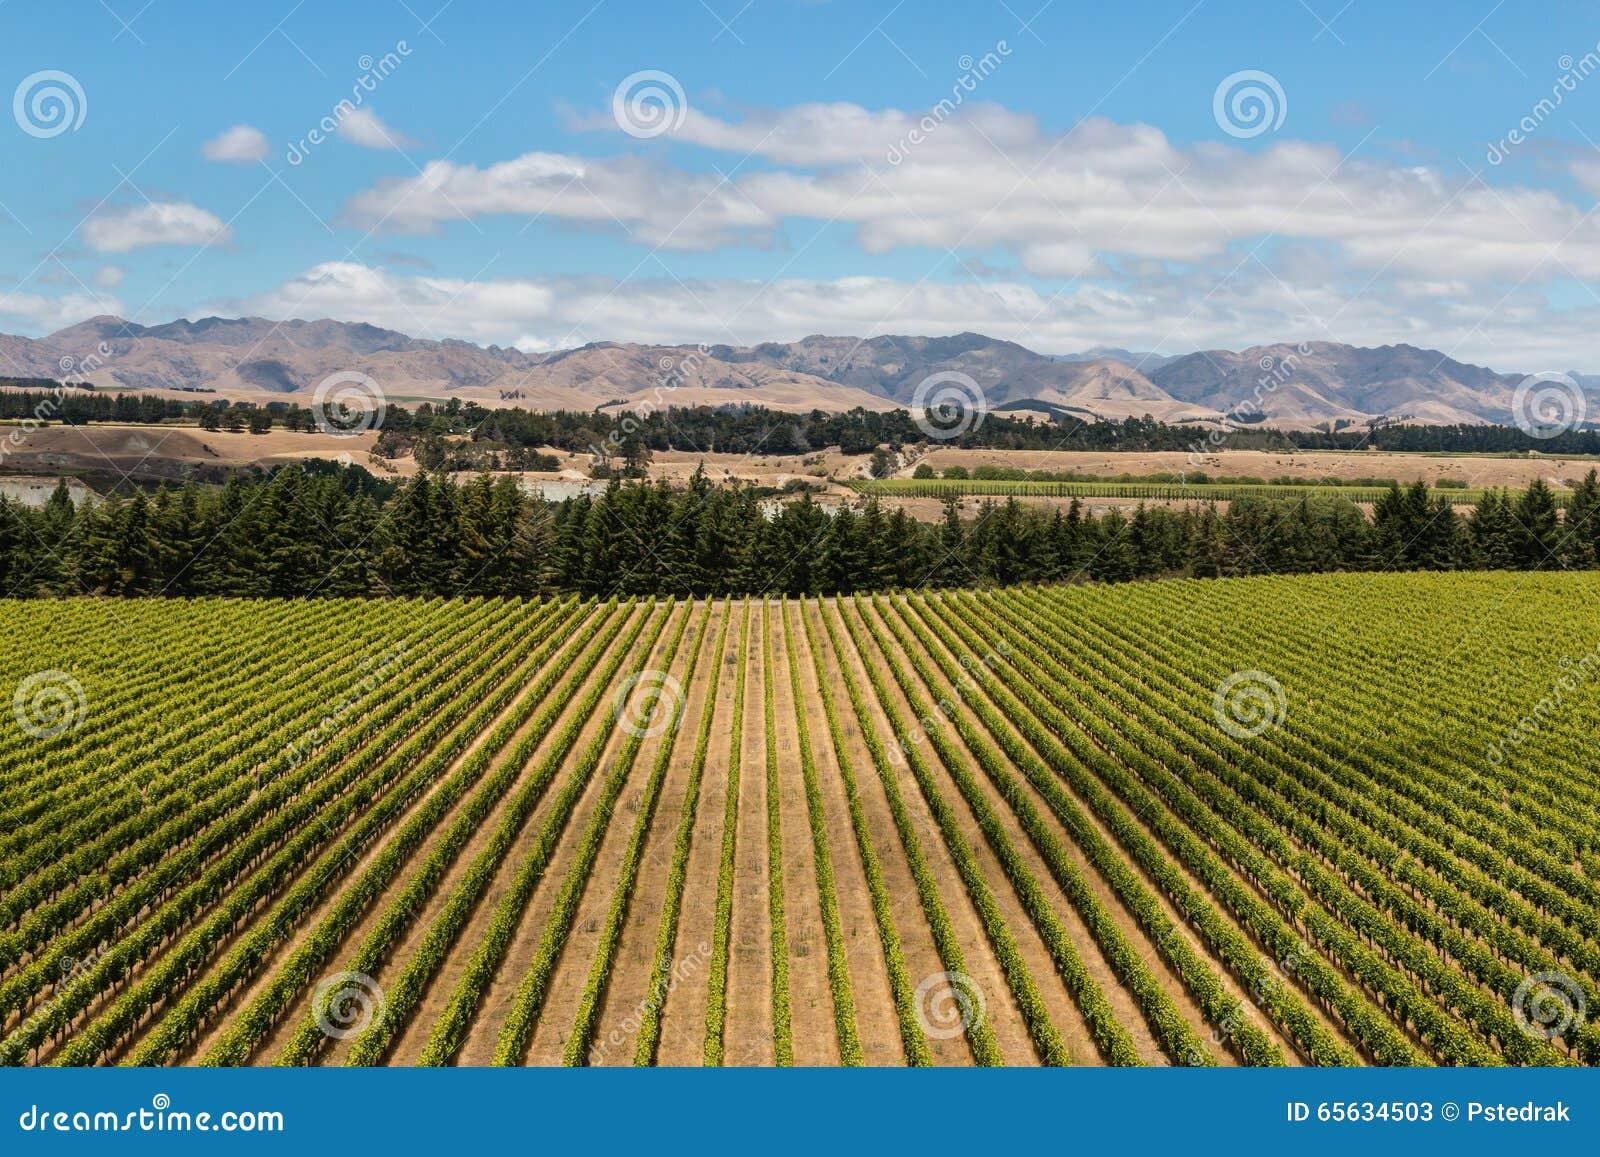 Vue aérienne de plantation de vignoble